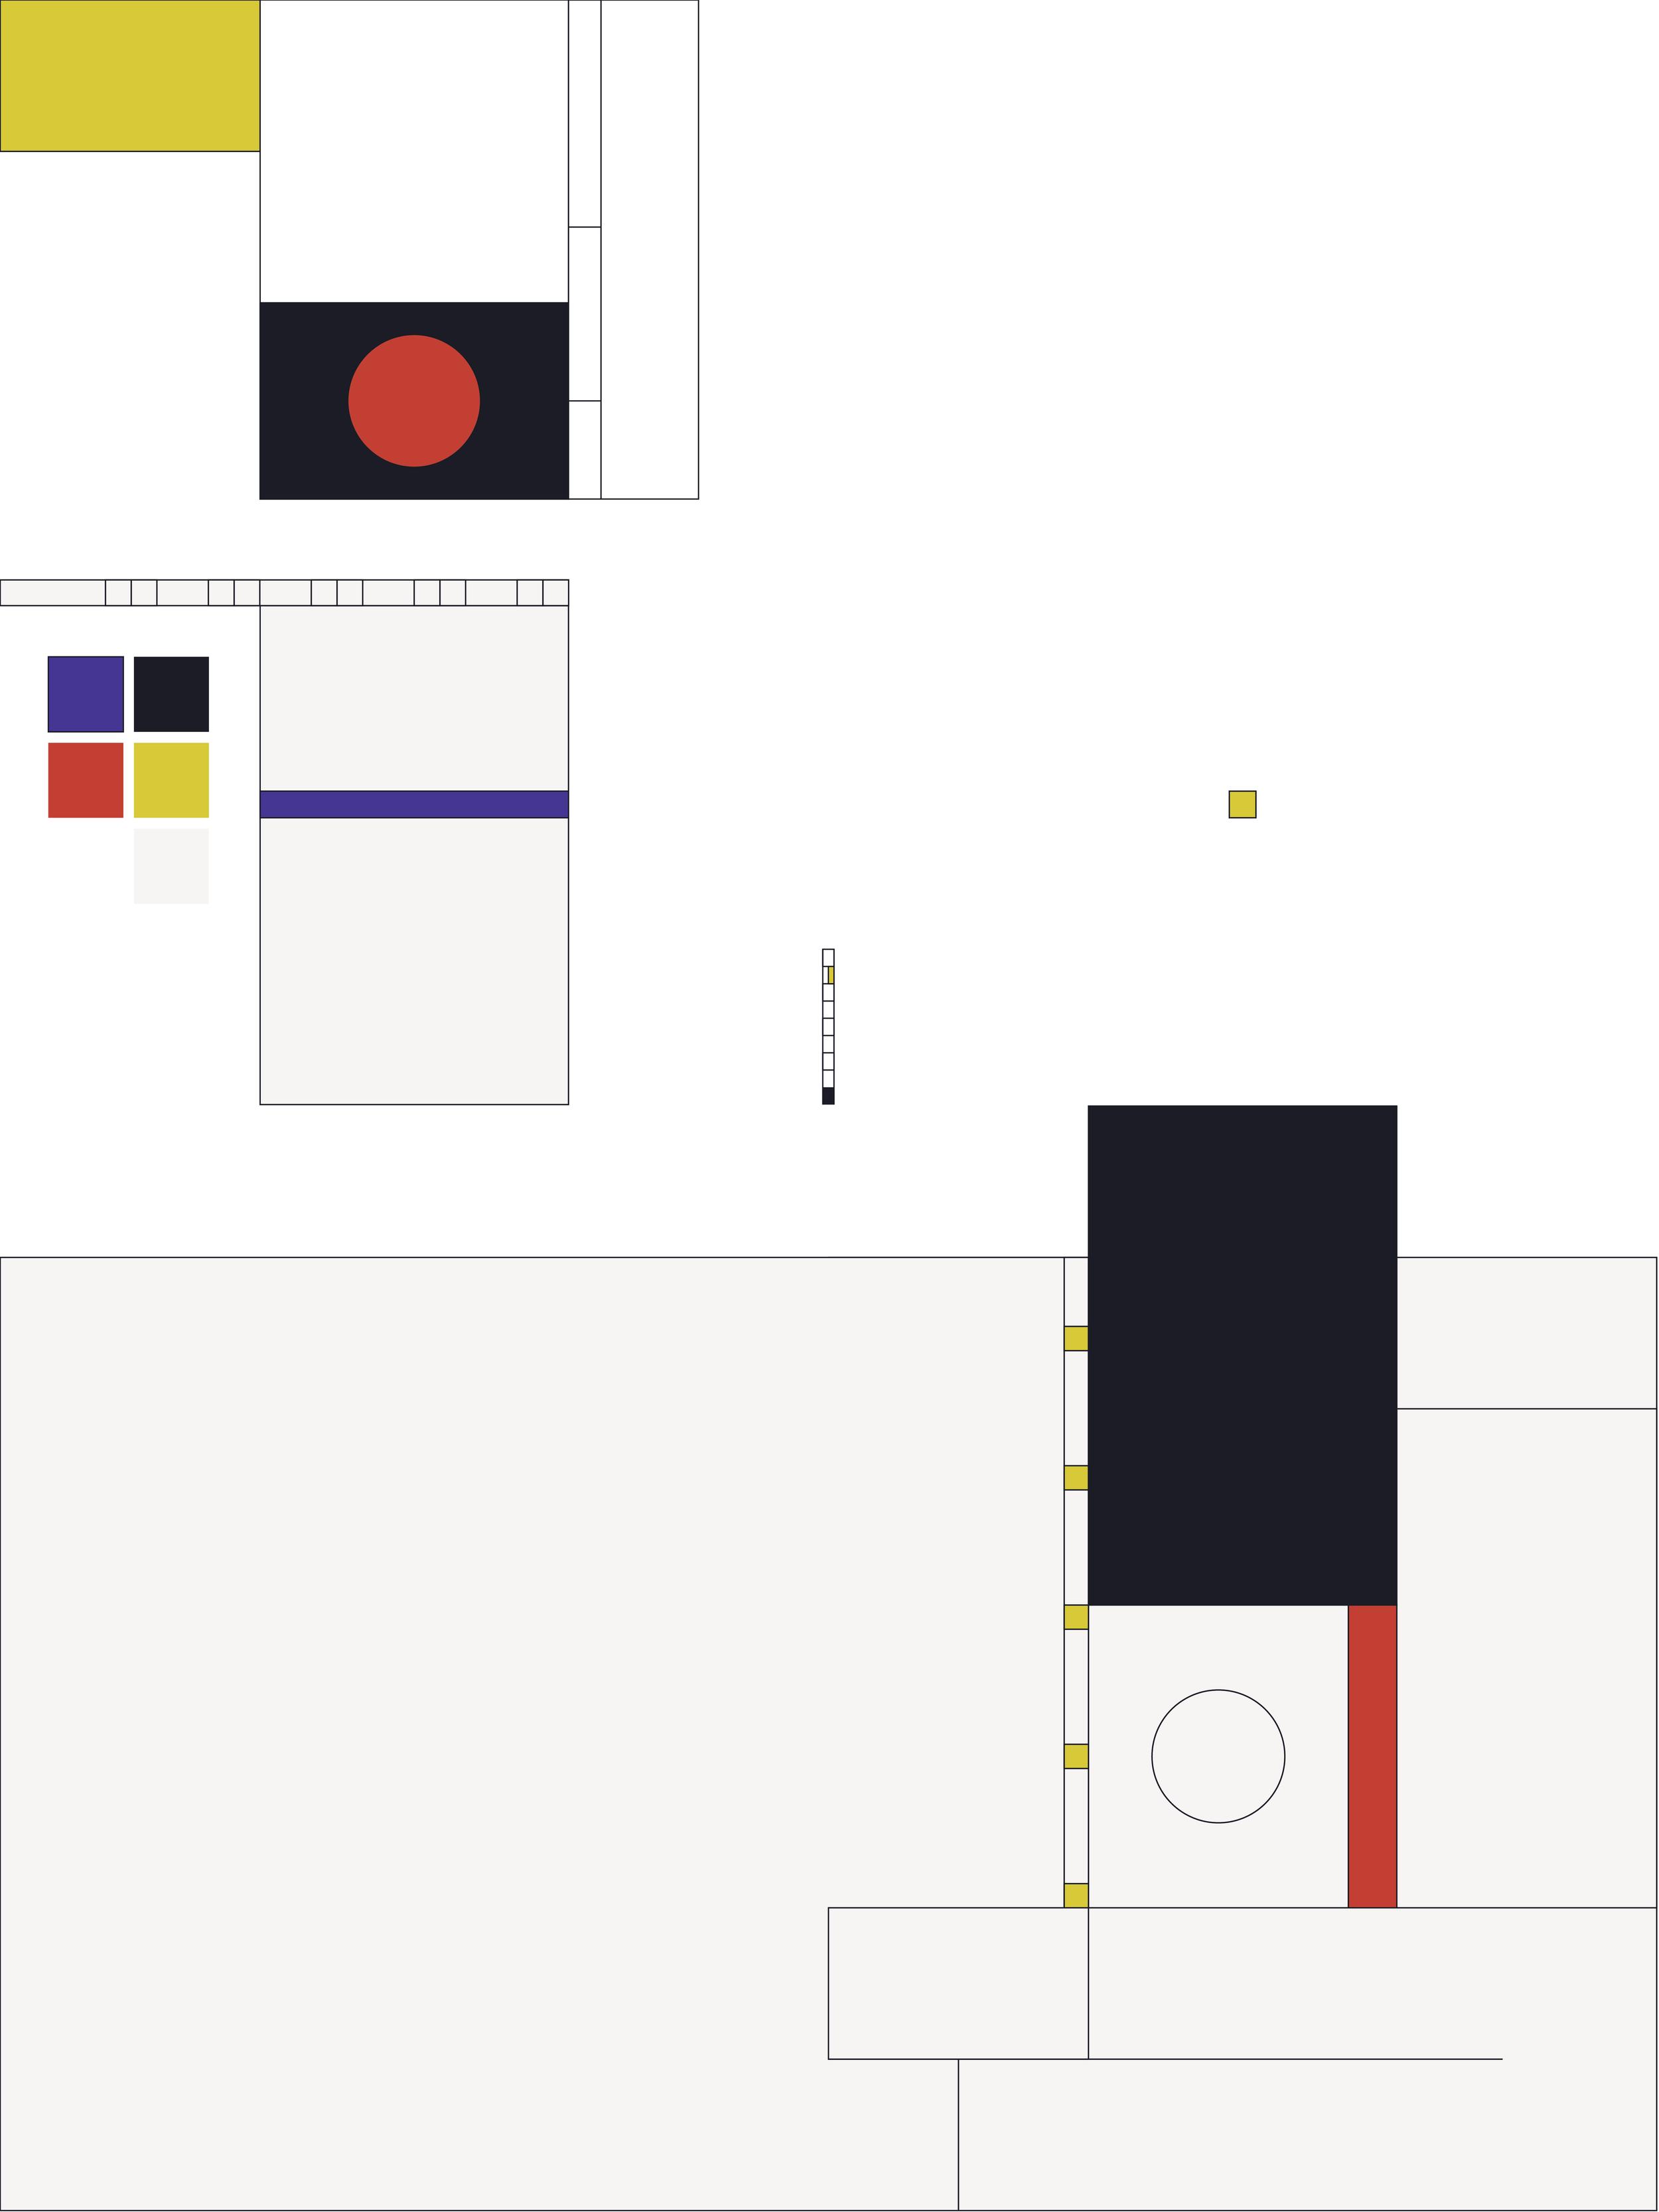 Hausstil__Artboard 3.png